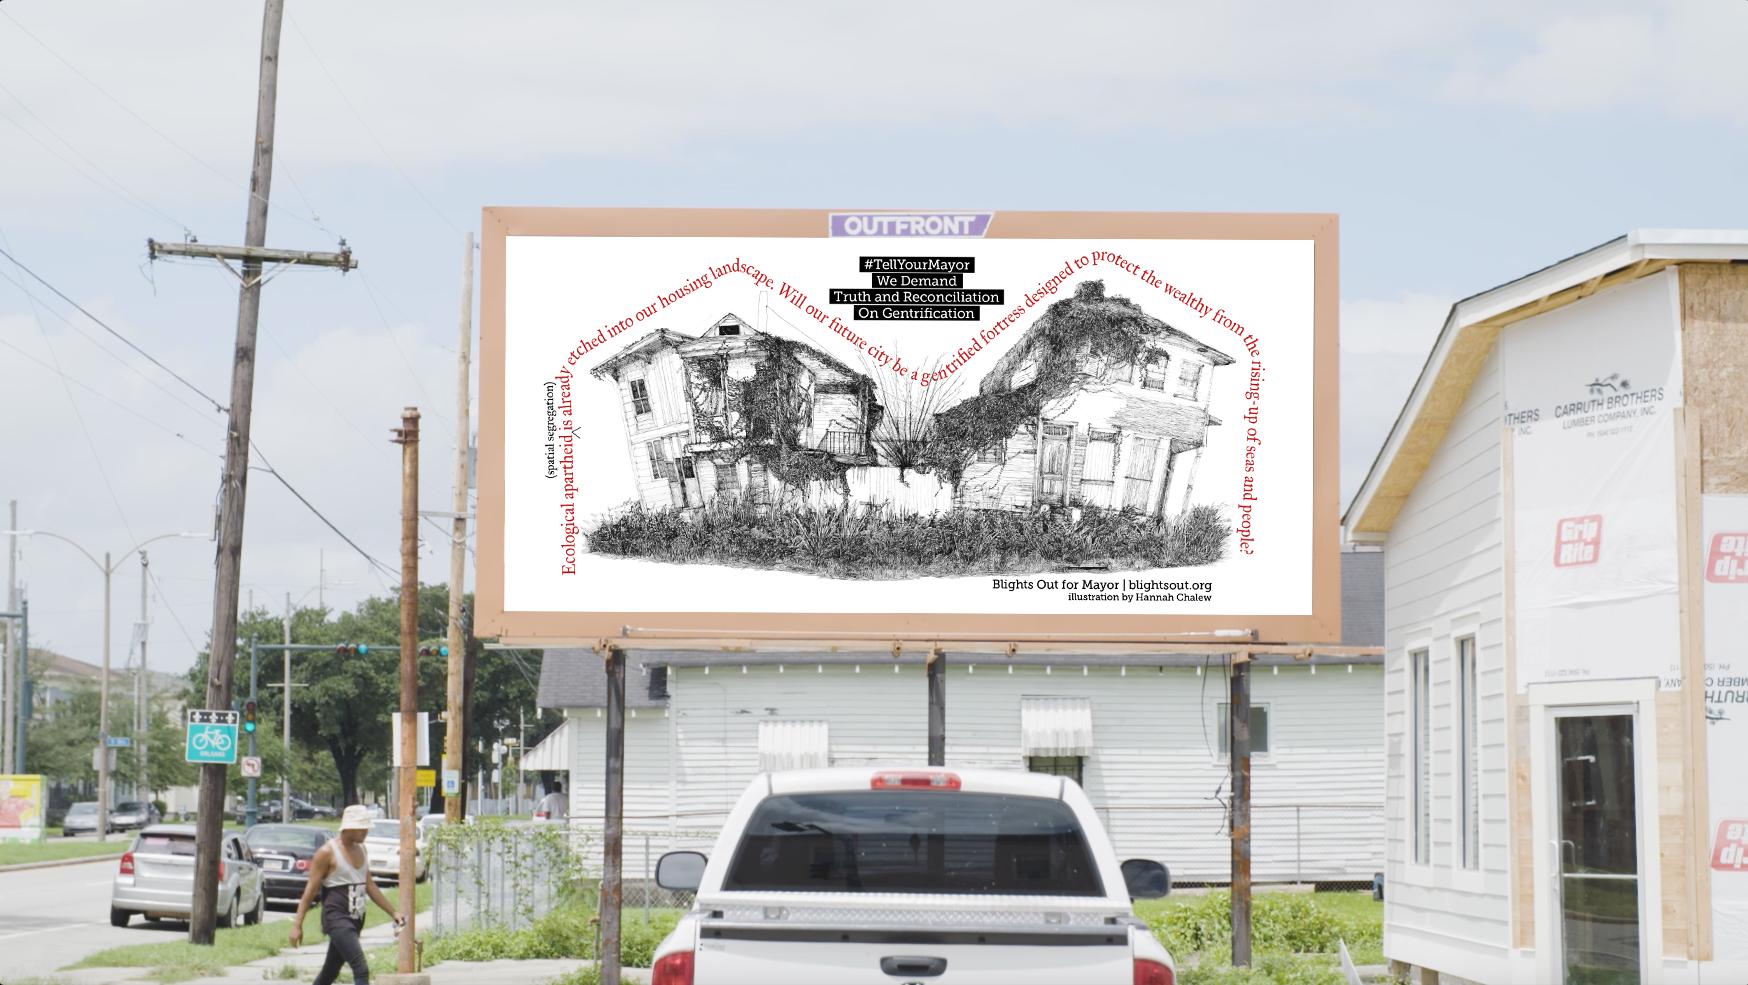 Billboard2-mockup fortress billboard.png